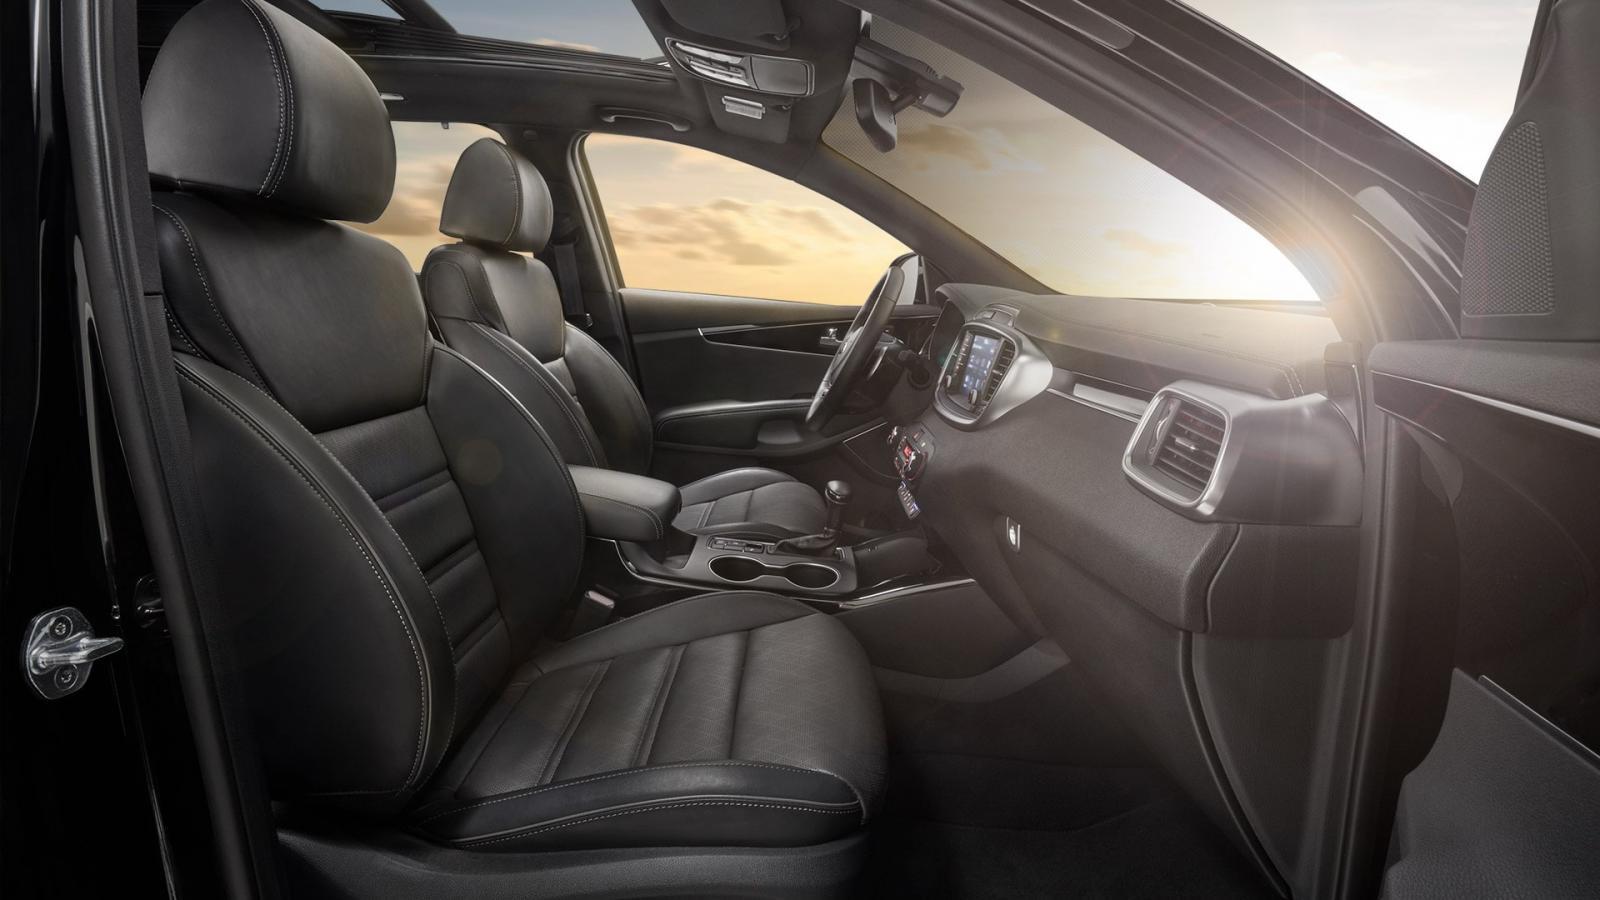 El interior de la Kia Sorento 2020 precio se caracteriza por su amplitud y múltiples tecnologías